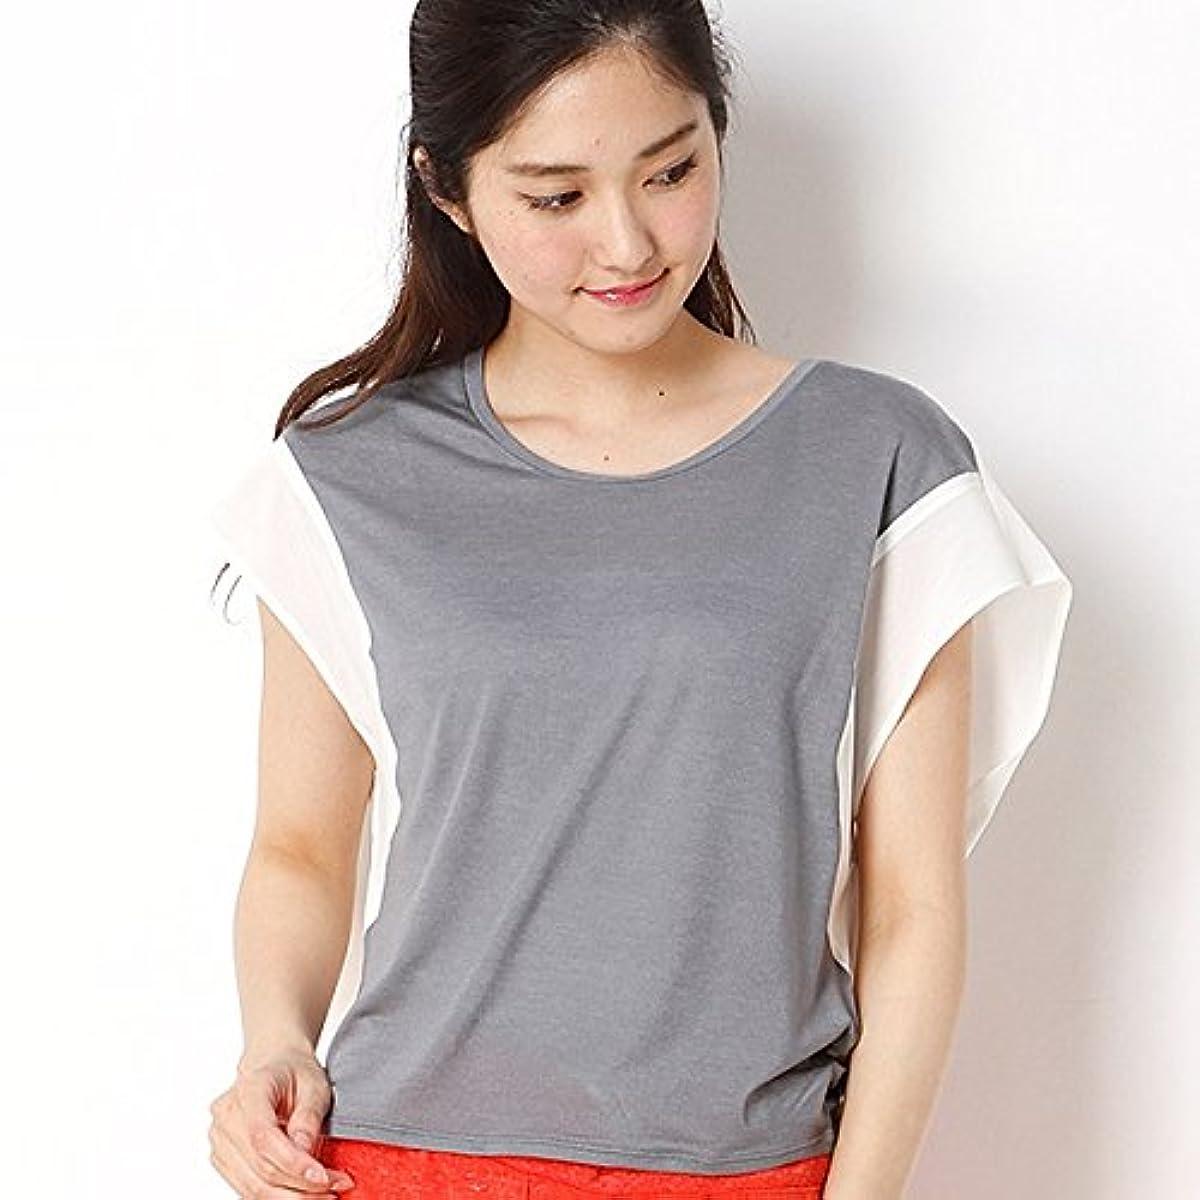 [해외] 나이키(nike 나이키) 【NIKE/나이키】레이디스T셔츠(나이키 women's electronic 베이트 스위트 T셔츠)